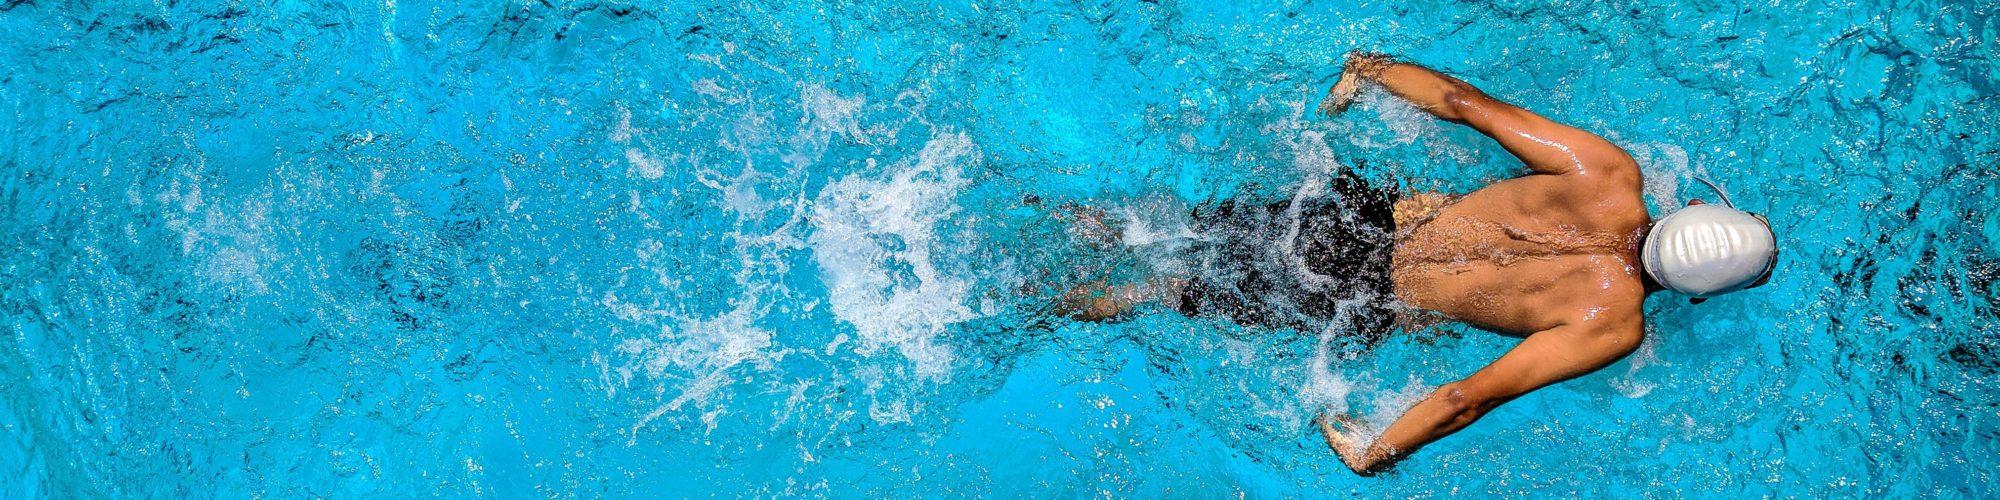 Stage de vacance natation intensive au chateau de troissy interant du 7 eme art college et lycee